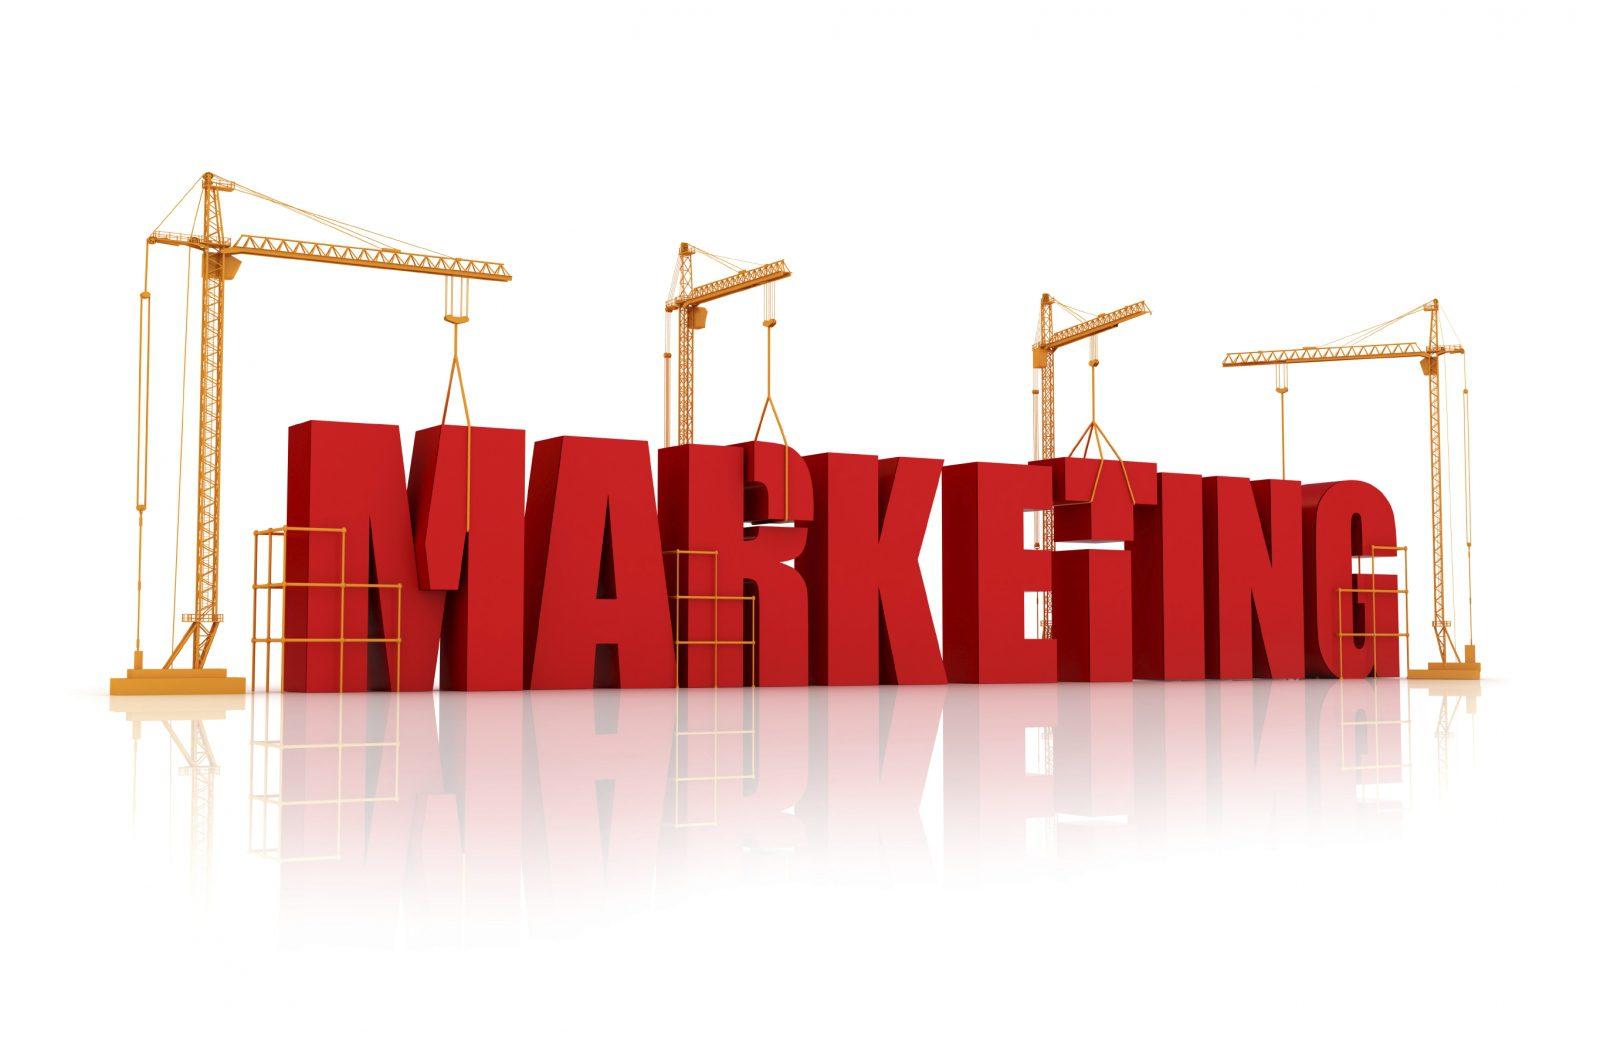 đầu số hotline là phương pháp marketing hiệu quả đối với nhiều doanh nghiệp